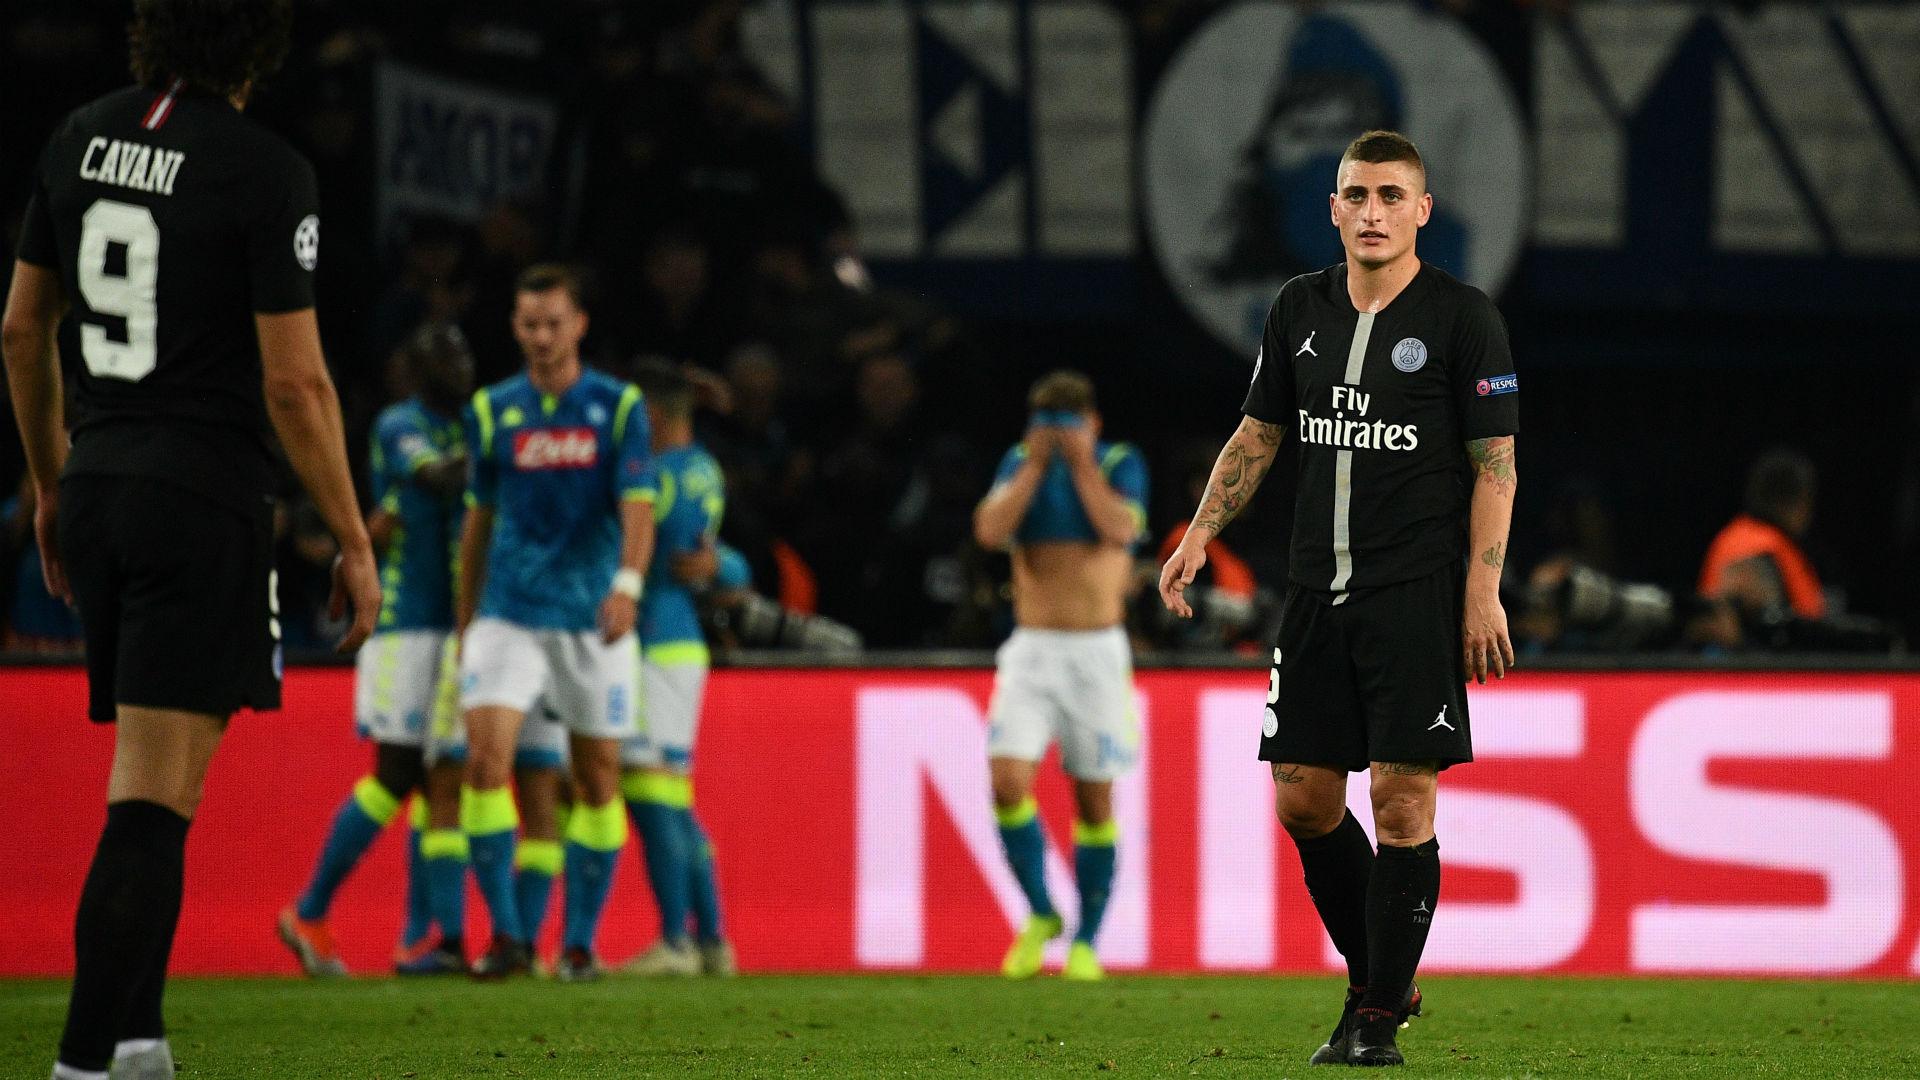 Marco Verratti PSG Napoli UEFA Champions League 24102018